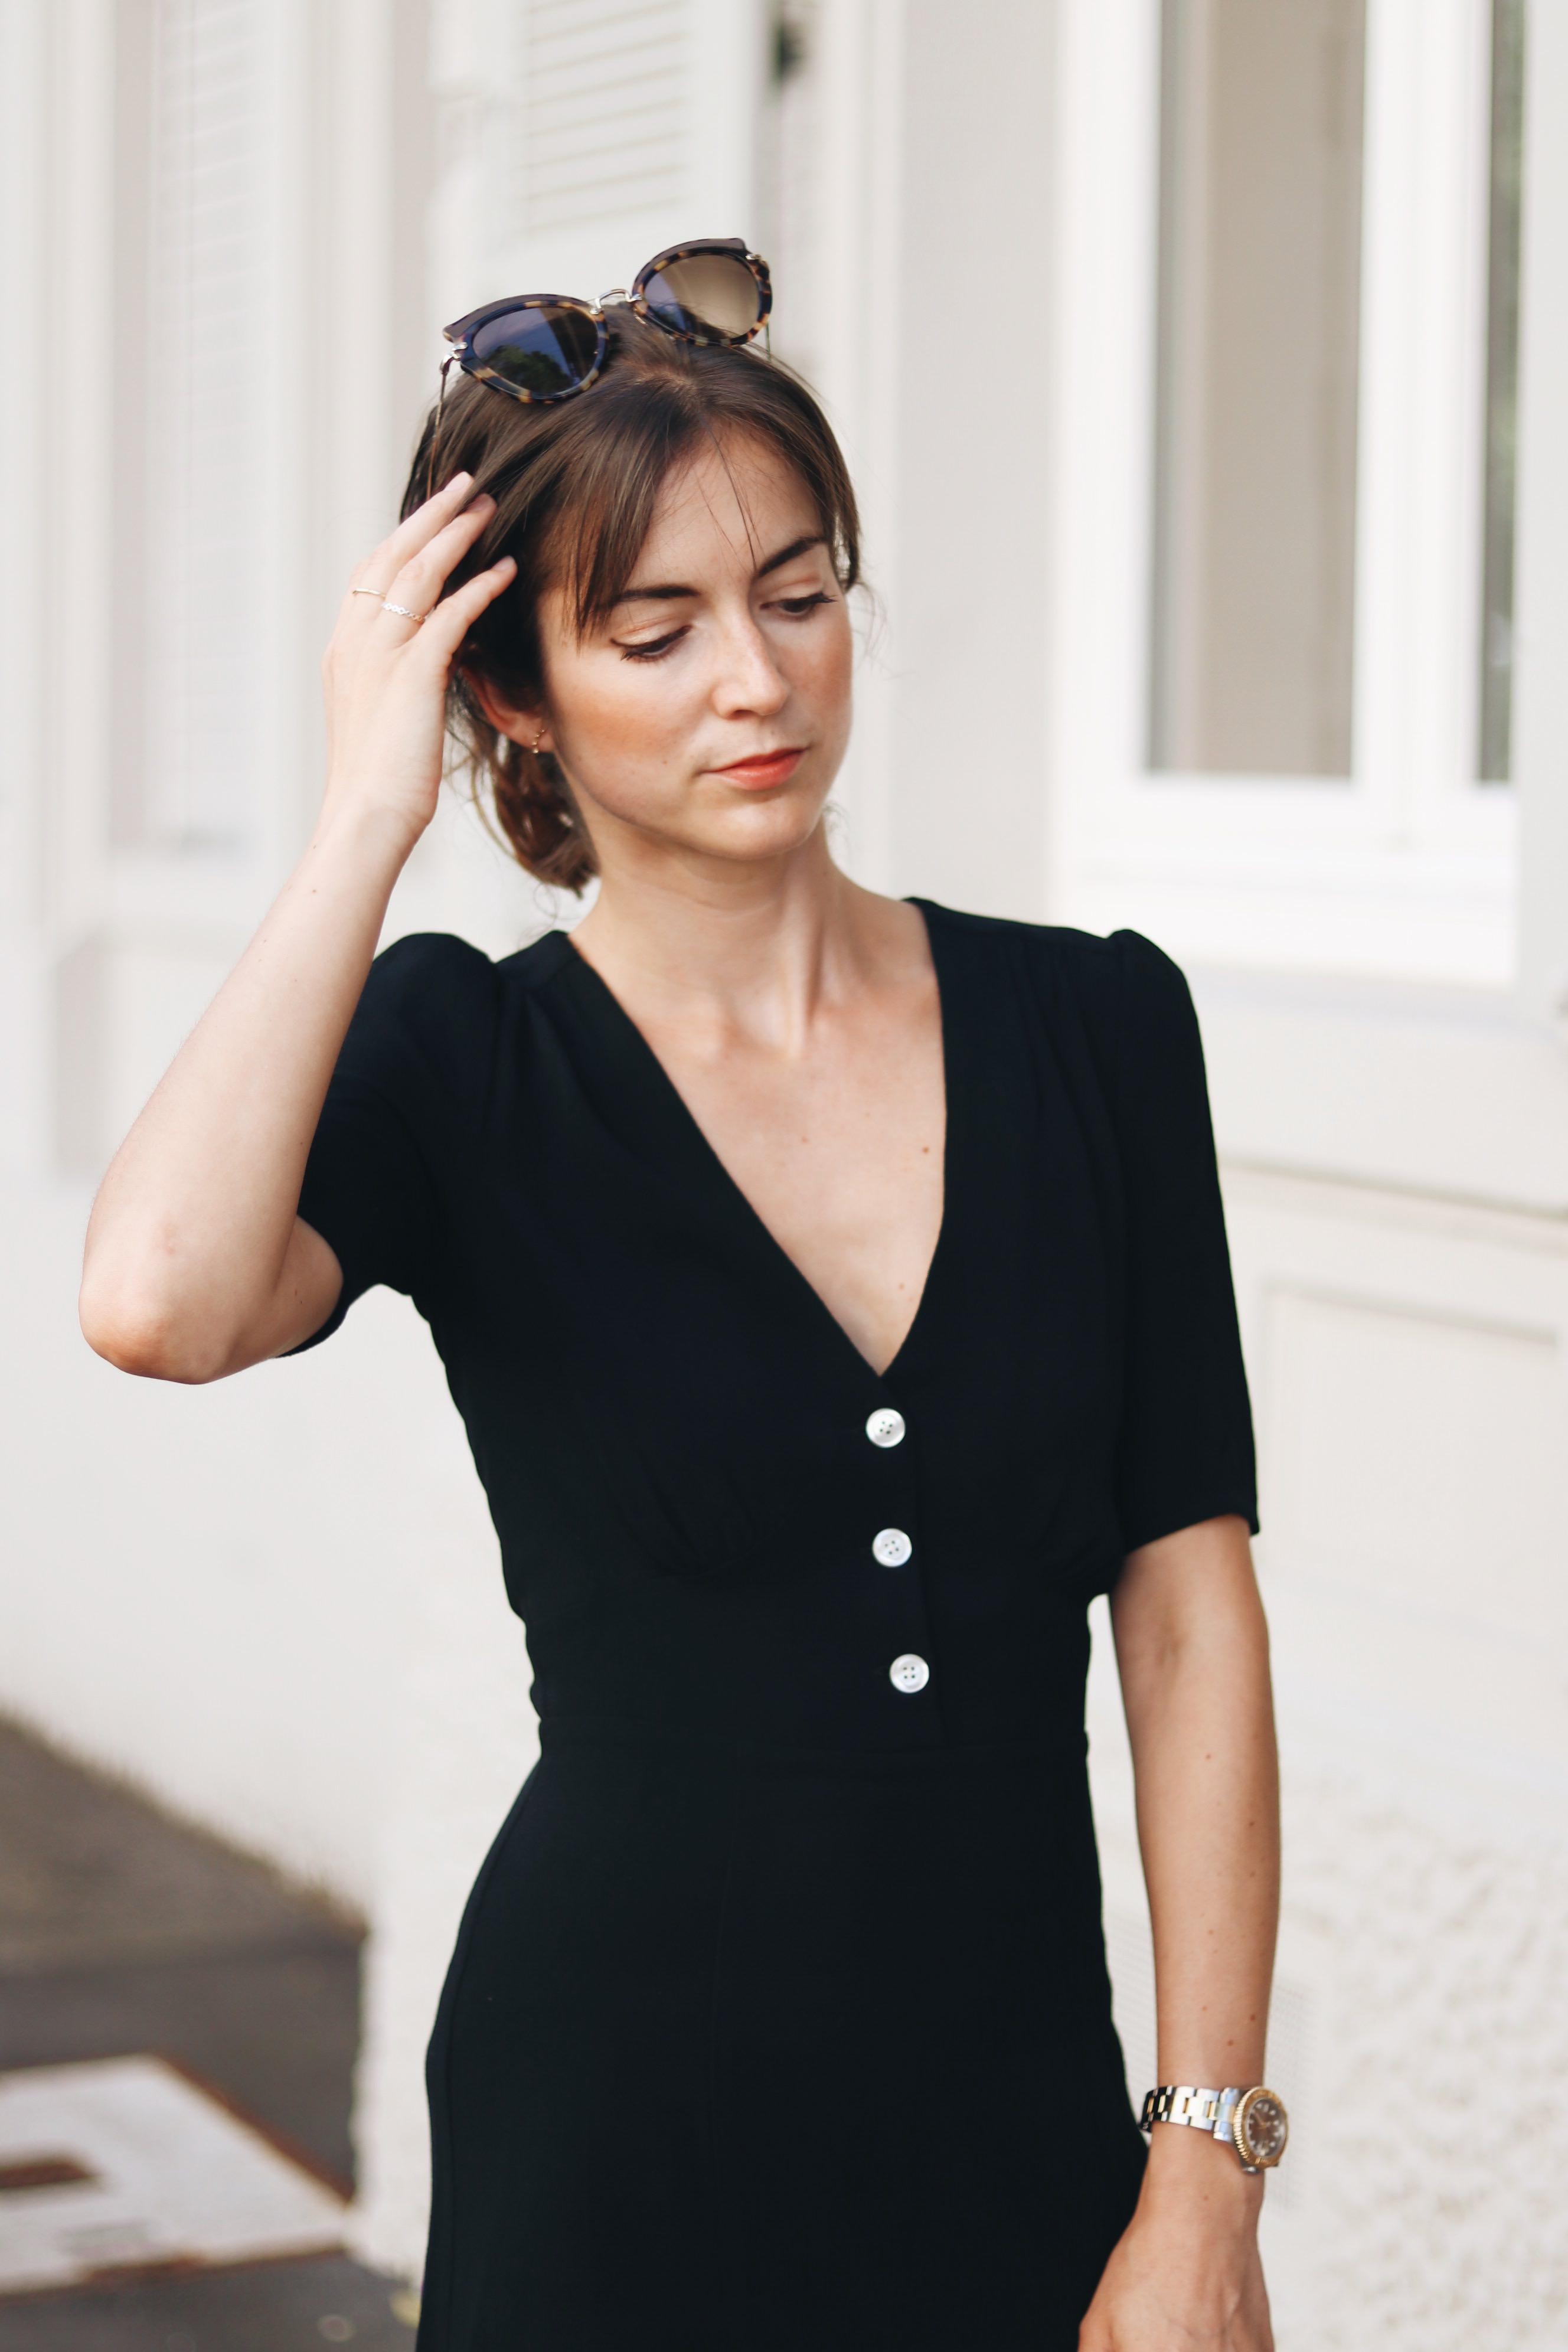 outfit-idee-sommerkleider-modetrends-sommer-kleid-schwarz